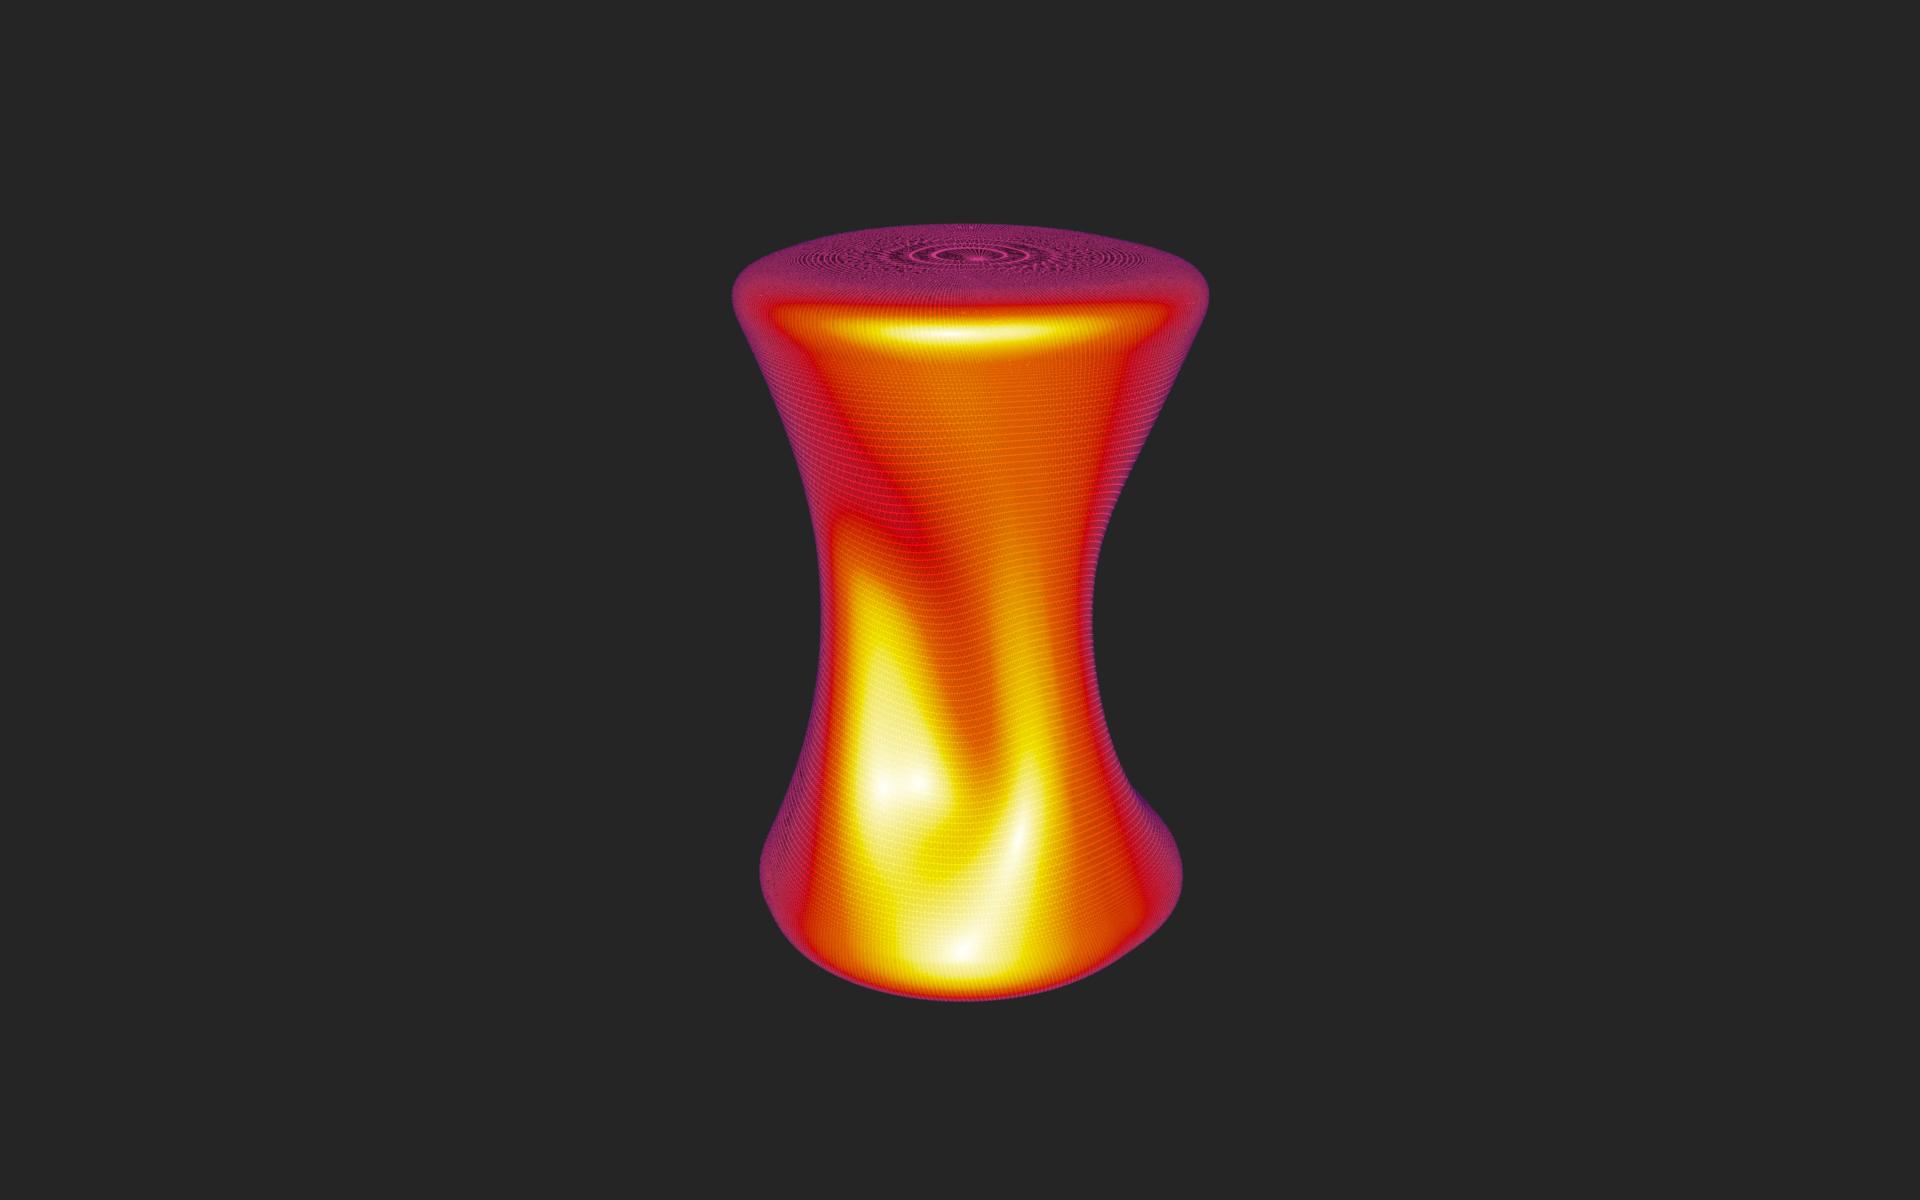 SKINEAL – Tabouret – Modélisation 3D Modelage – FR